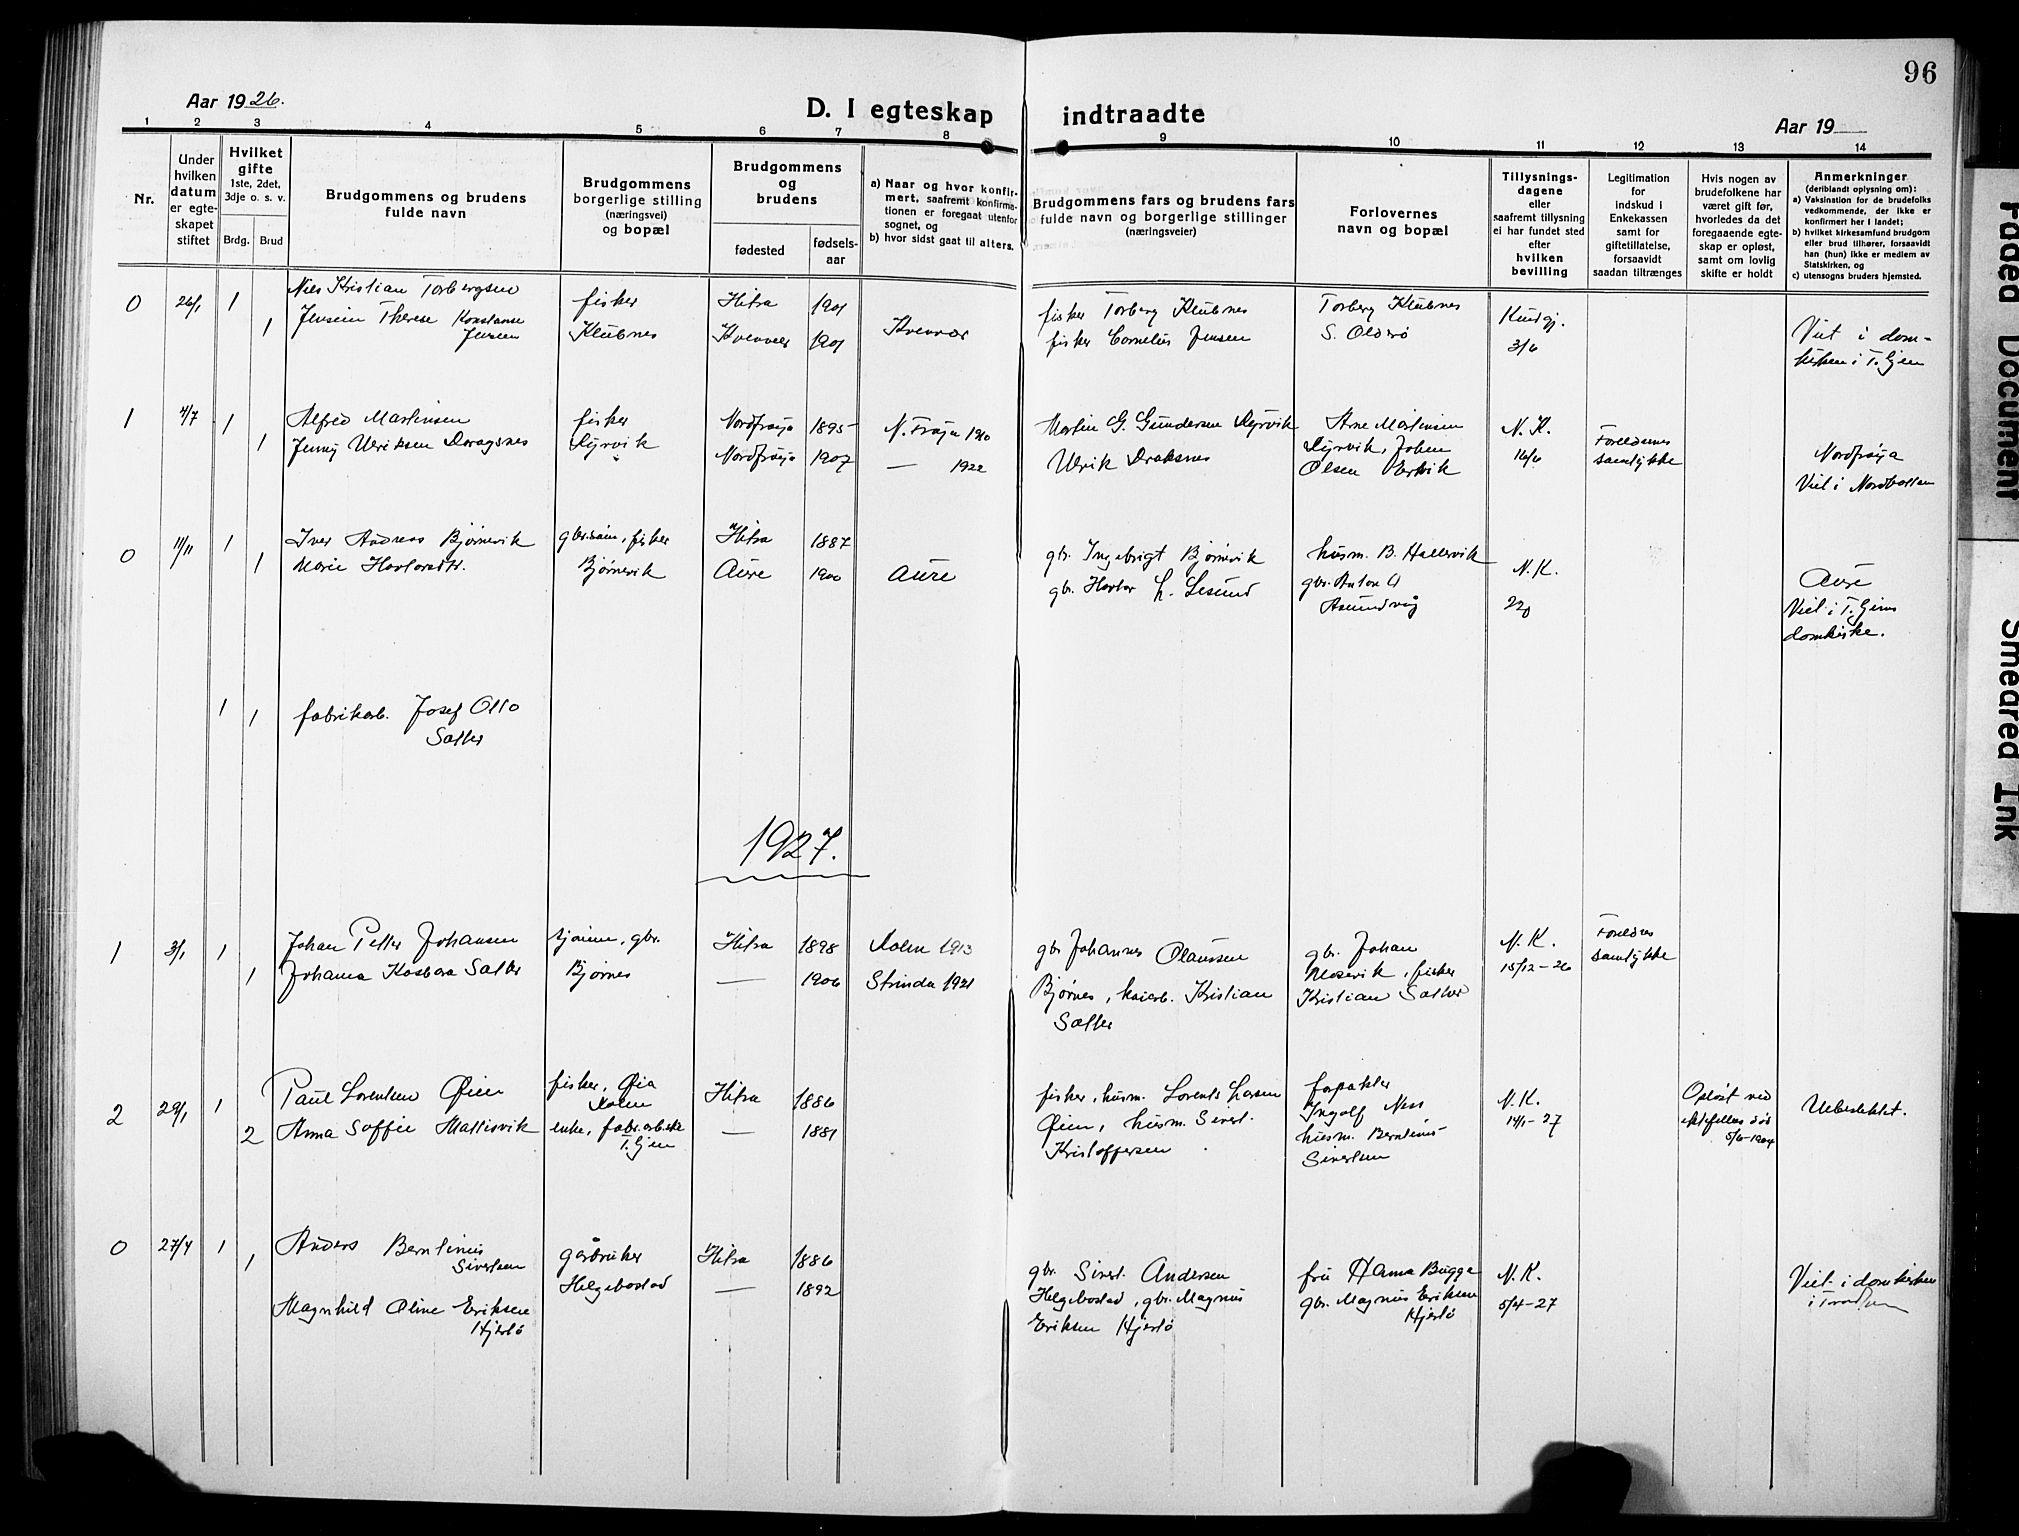 SAT, Ministerialprotokoller, klokkerbøker og fødselsregistre - Sør-Trøndelag, 634/L0543: Klokkerbok nr. 634C05, 1917-1928, s. 96